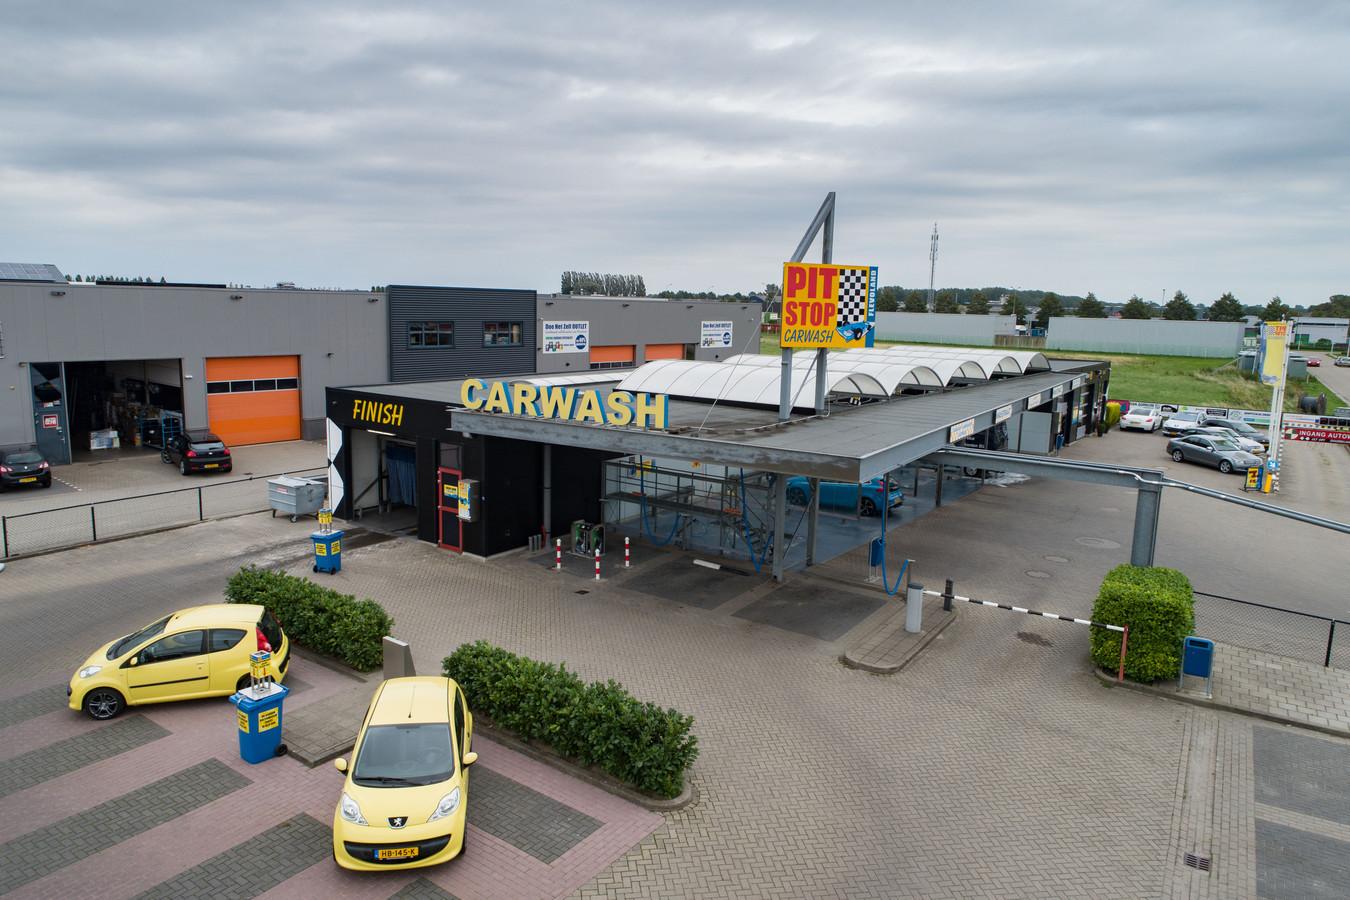 Pitstop Carwash Flevoland in Dronten.